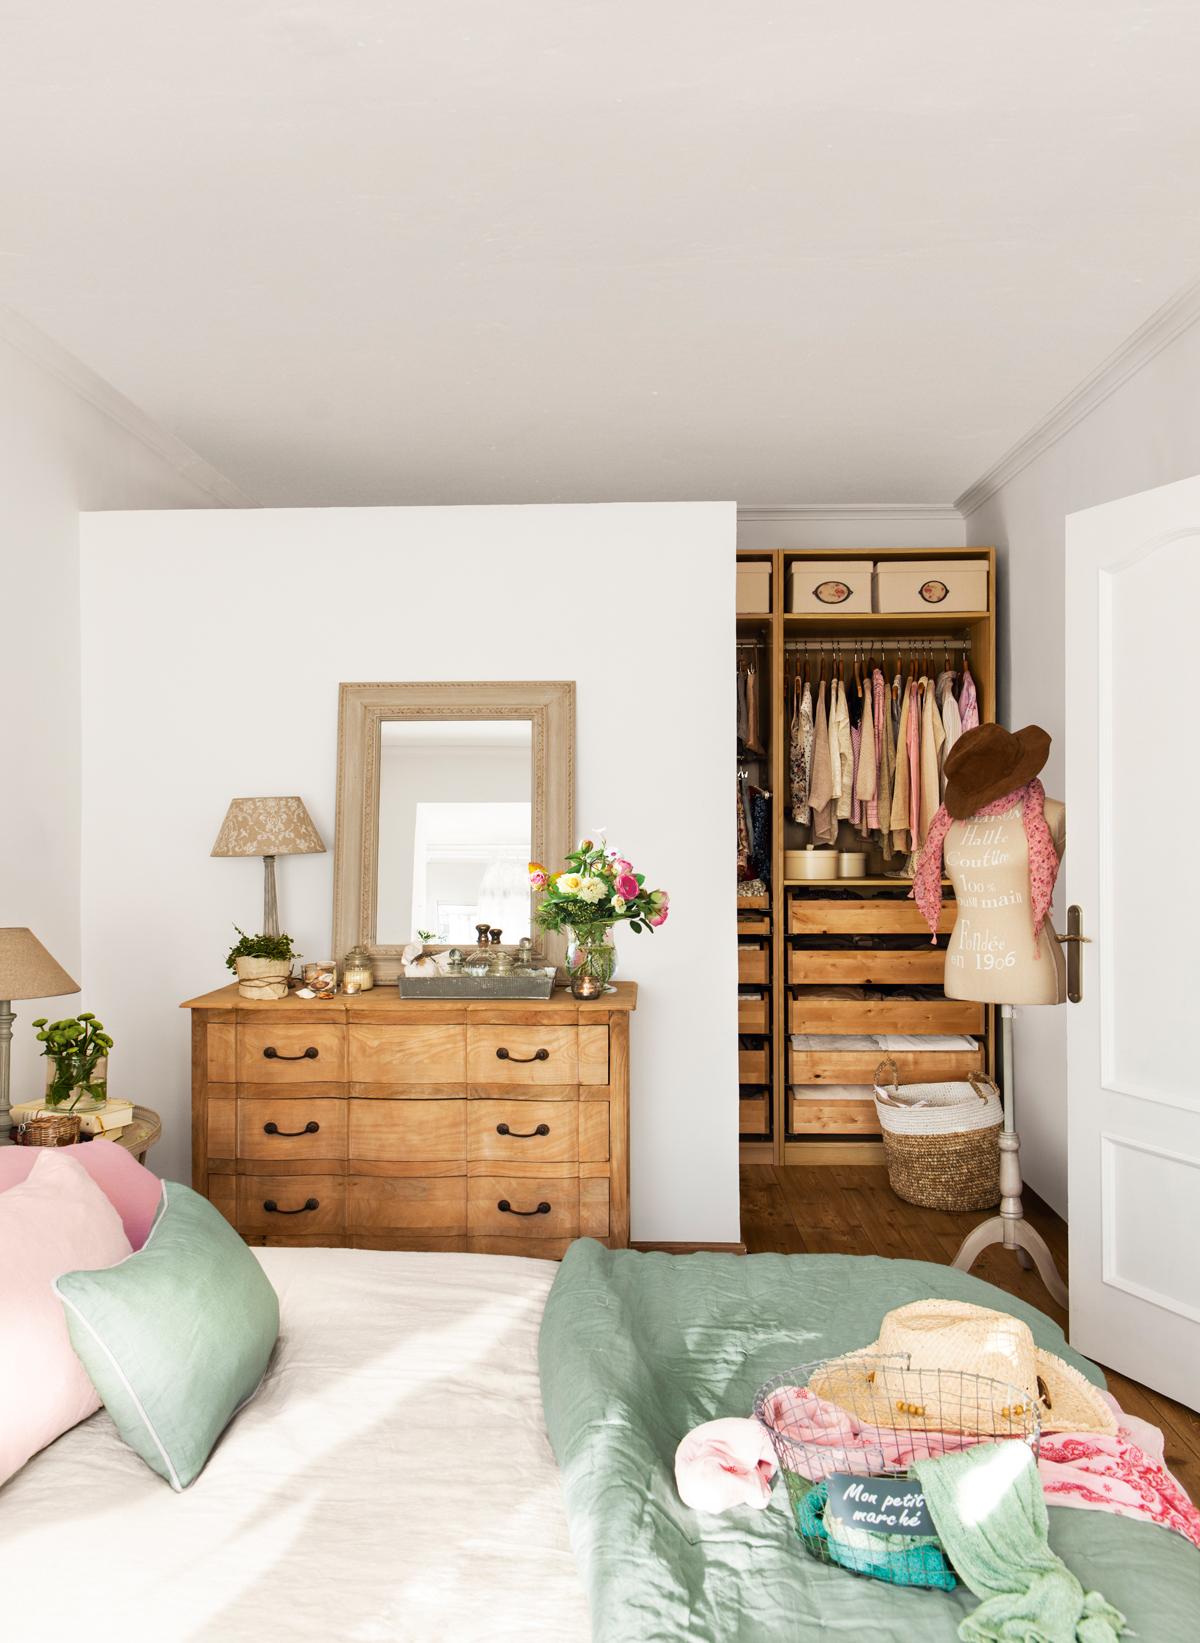 50 dormitorios principales para coger ideas for Amueblar habitacion matrimonio